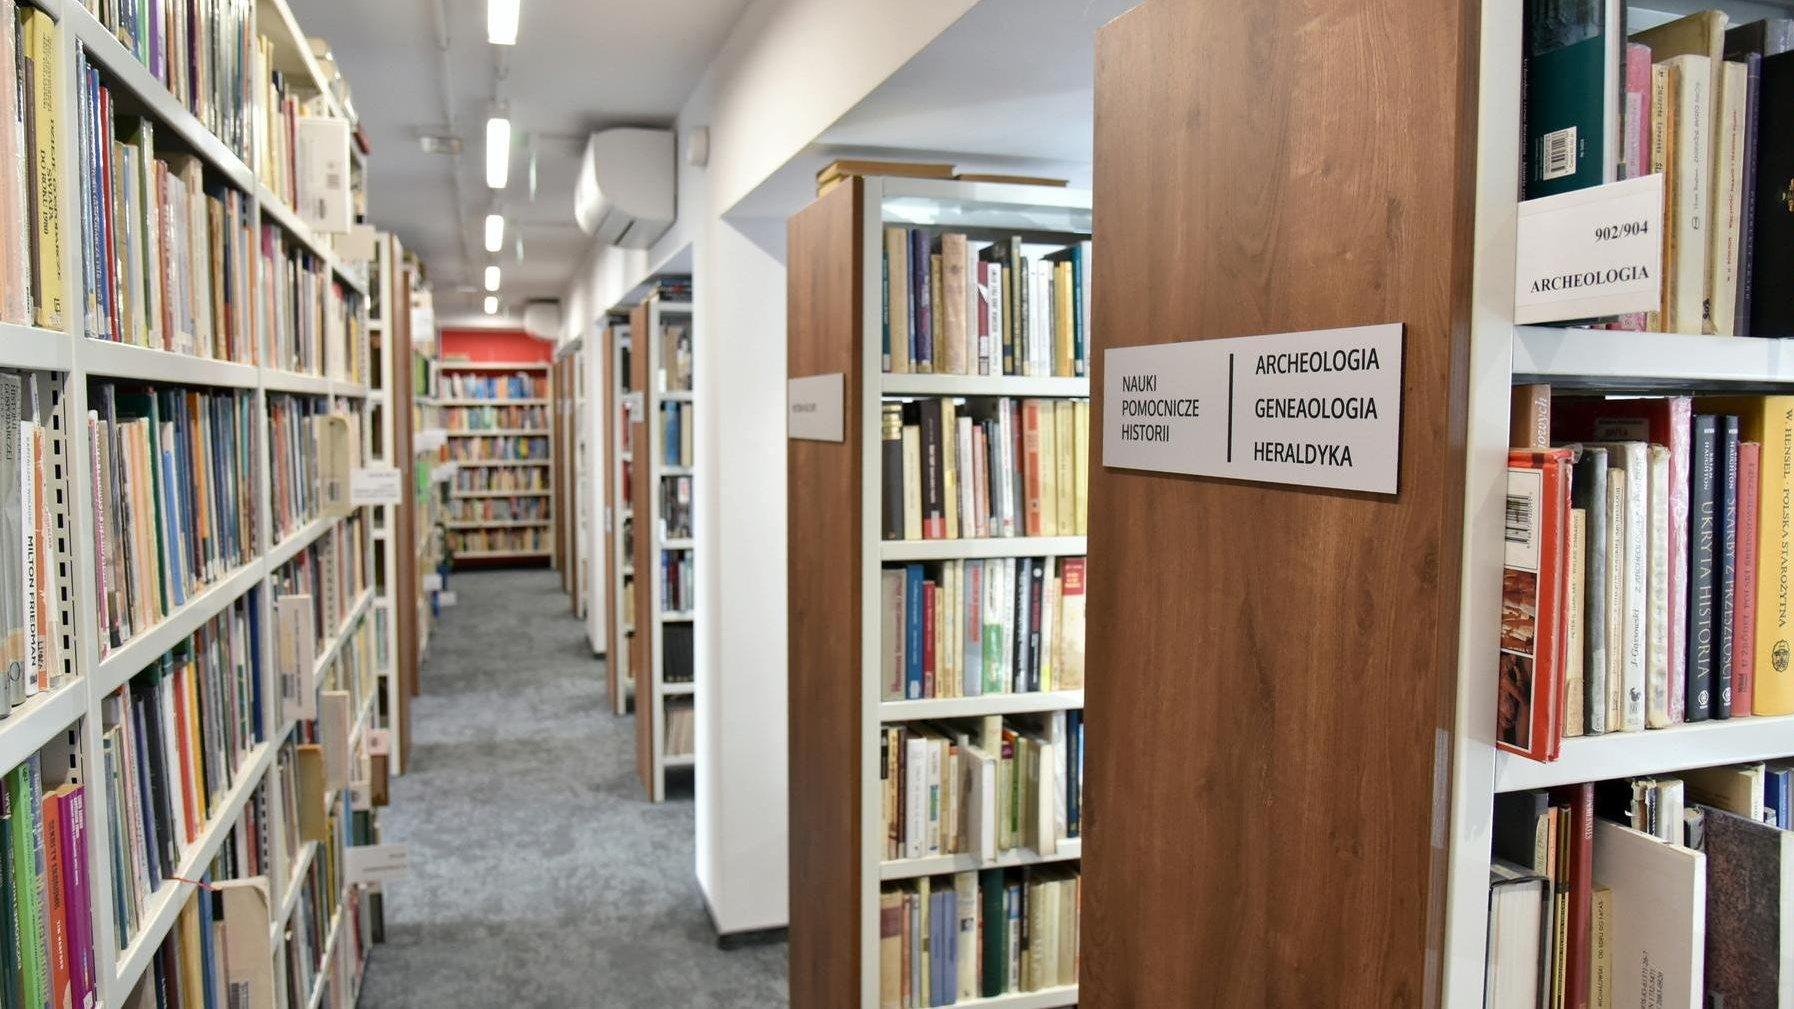 Zdjęcie przedstawia biblioteczne półki z książkami. - grafika artykułu